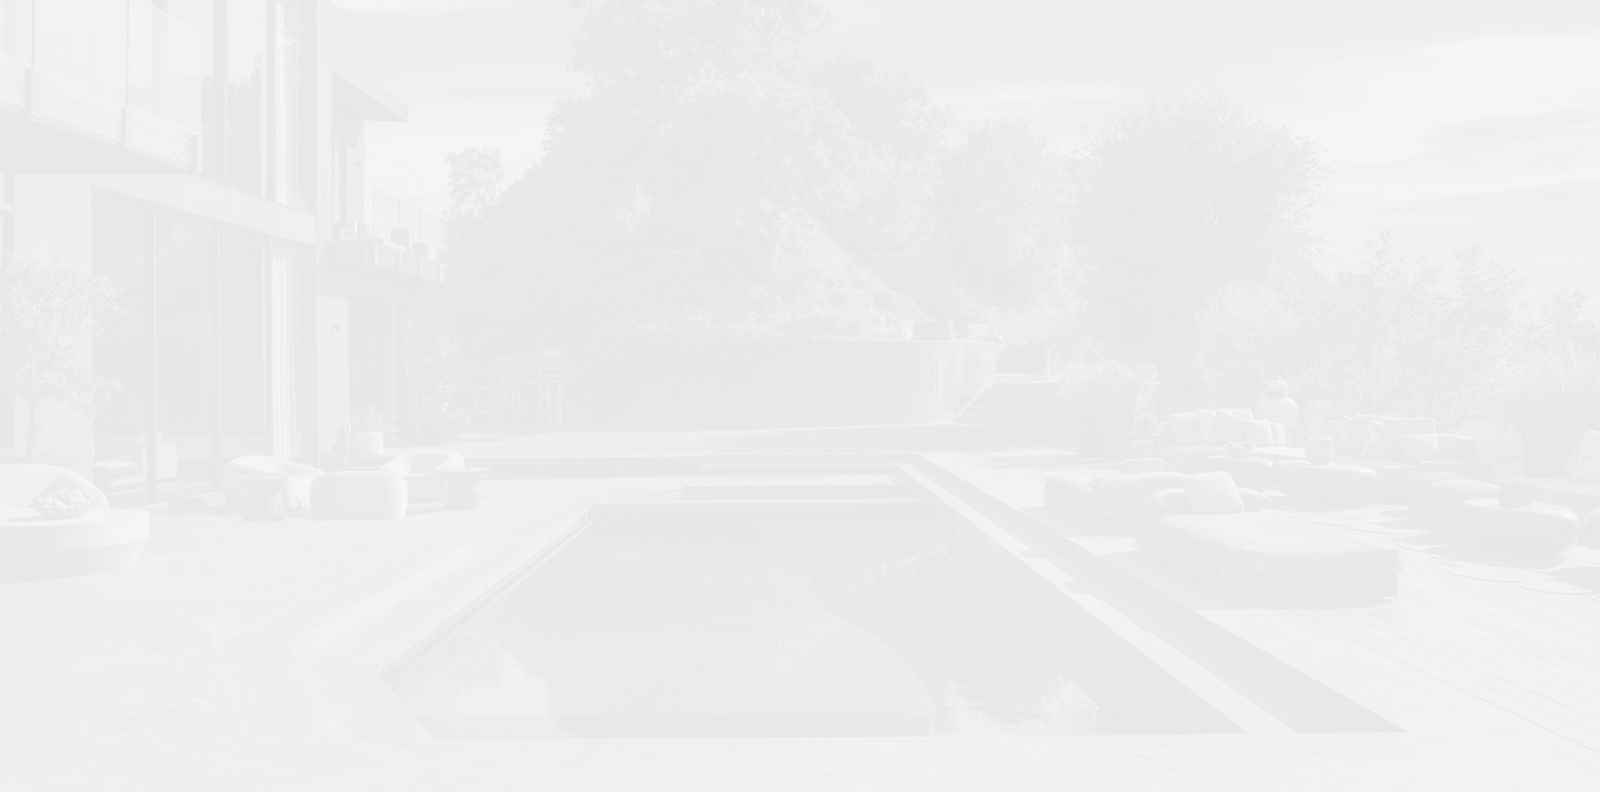 Криси Тейгън и Джон Леджънд продадоха имението си за 17 милиона